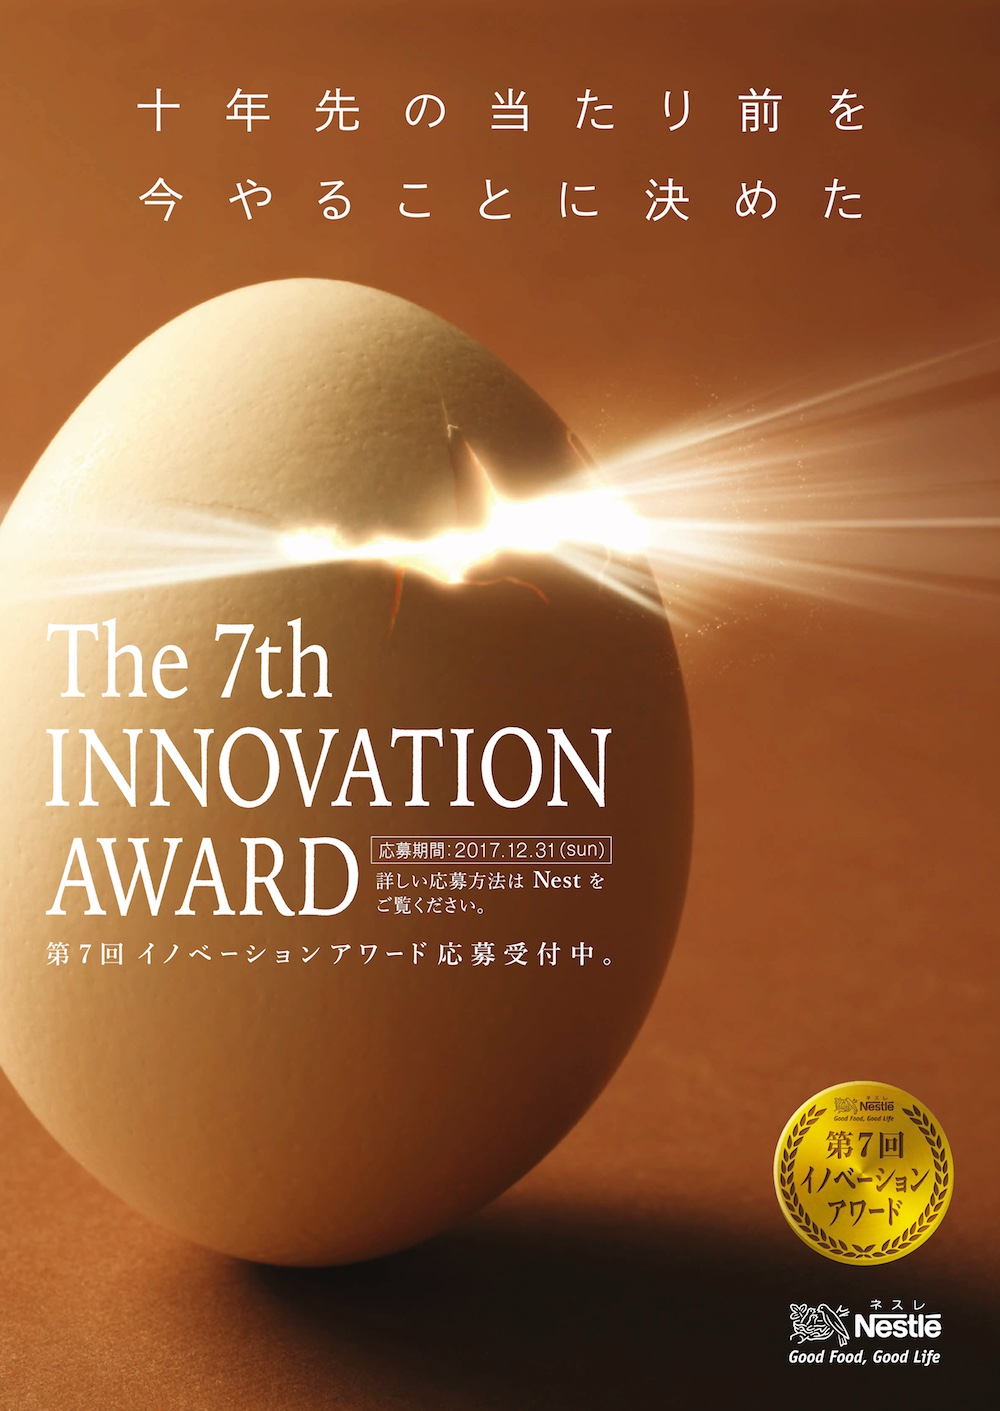 【図・写真】第7回イノベーションアワードのポスター